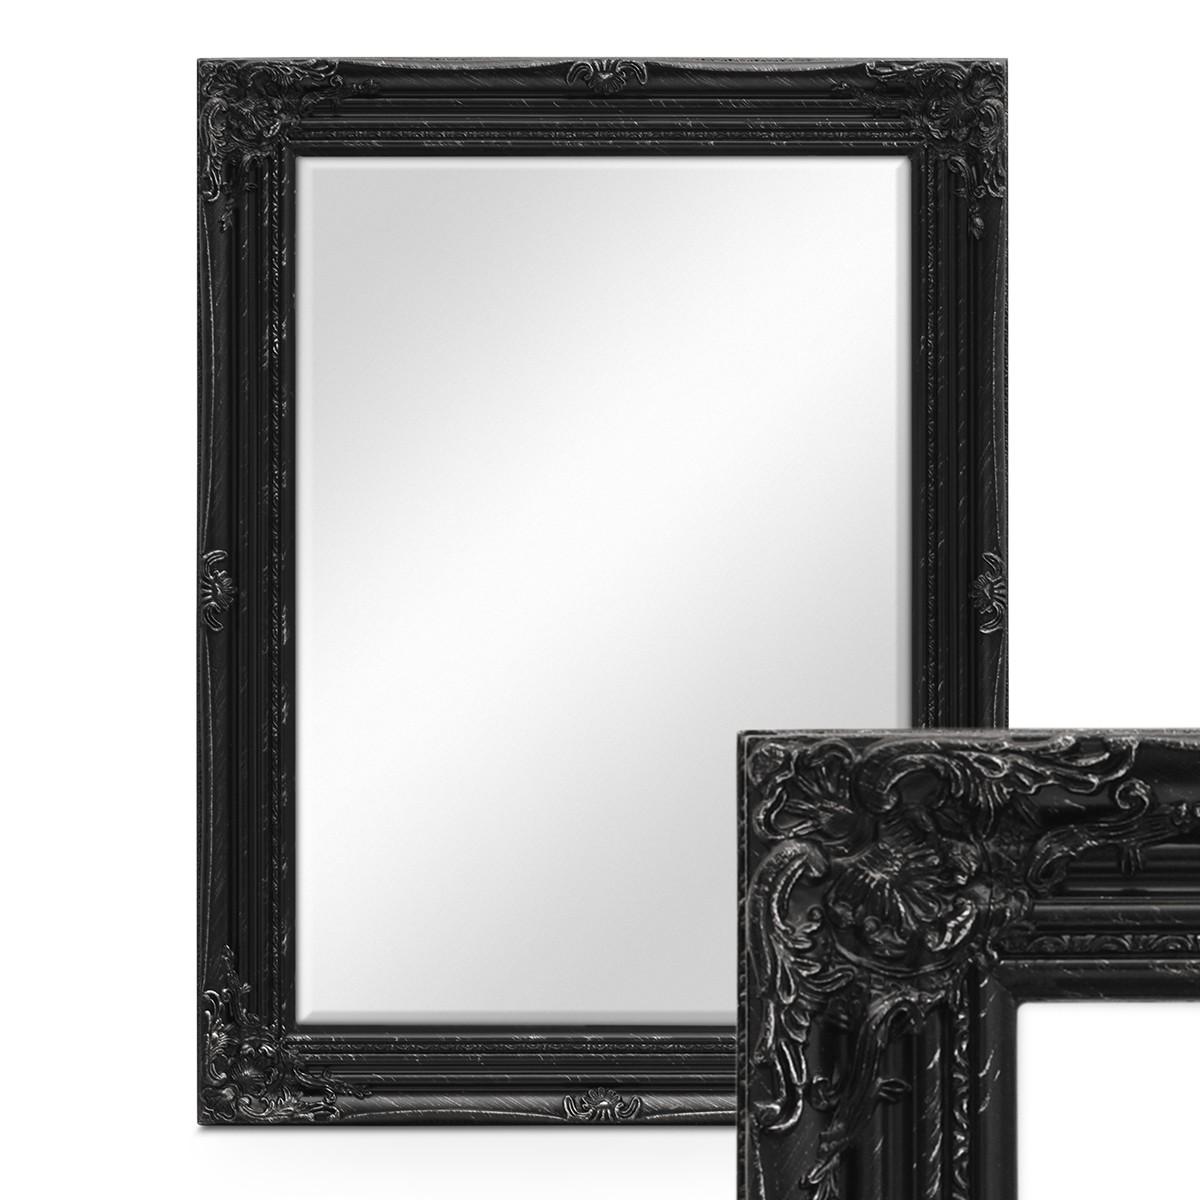 Wand spiegel im barock rahmen antik schwarz mit facettenschliff 64x84 cm spiegelfl che 50x70 - Barock spiegel schwarz ...